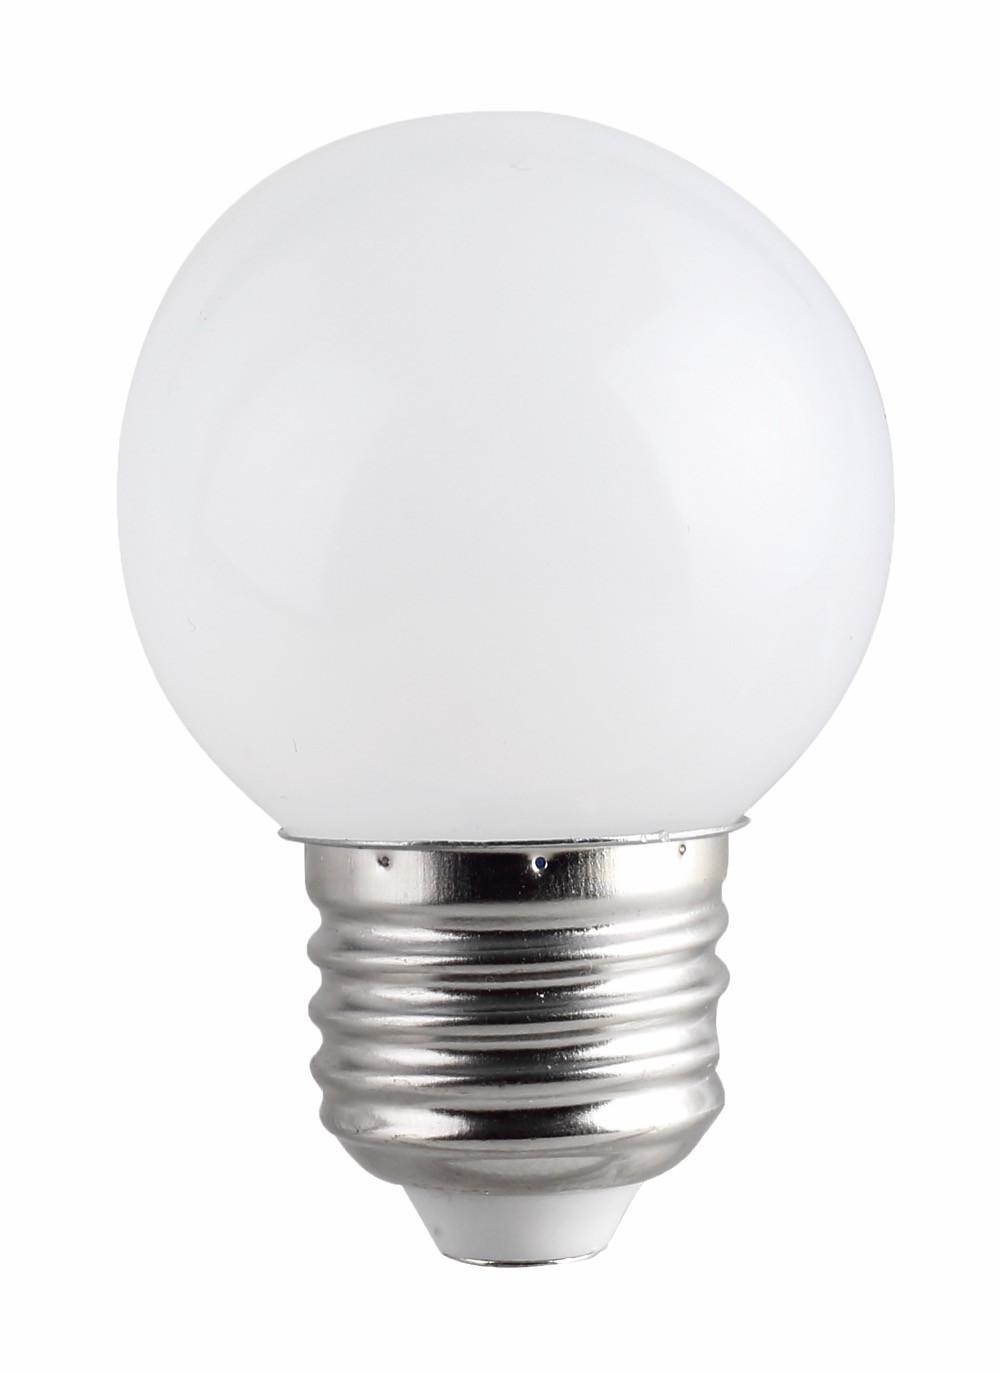 Ampoule LED 1W E27 couleur Blanche